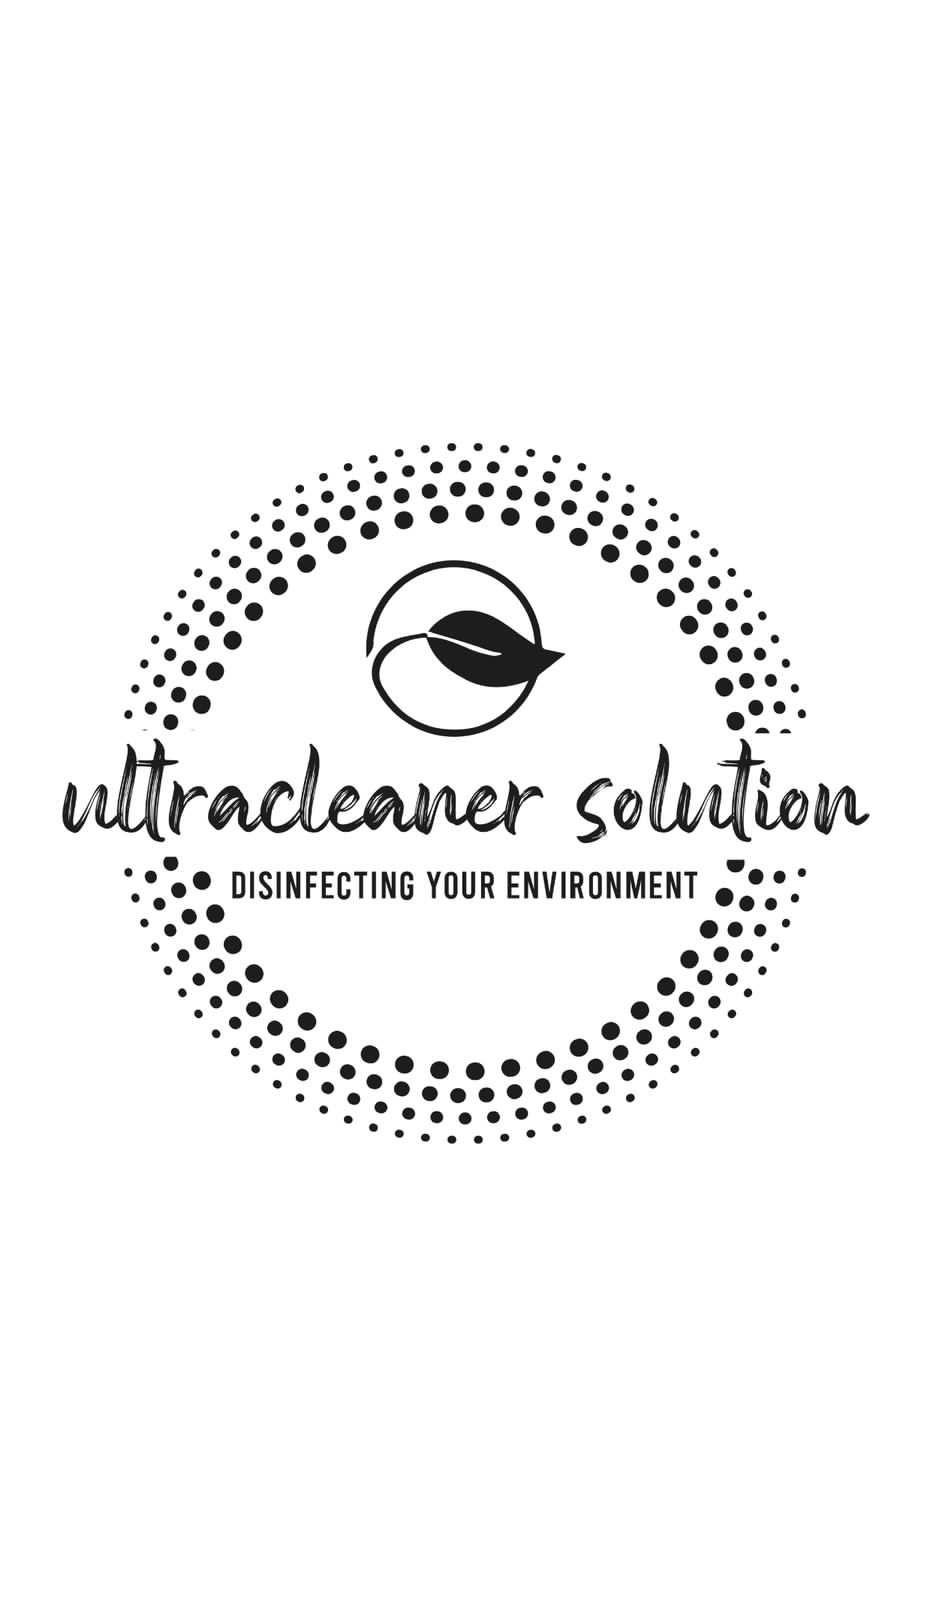 UltraCleaner Solution LLC